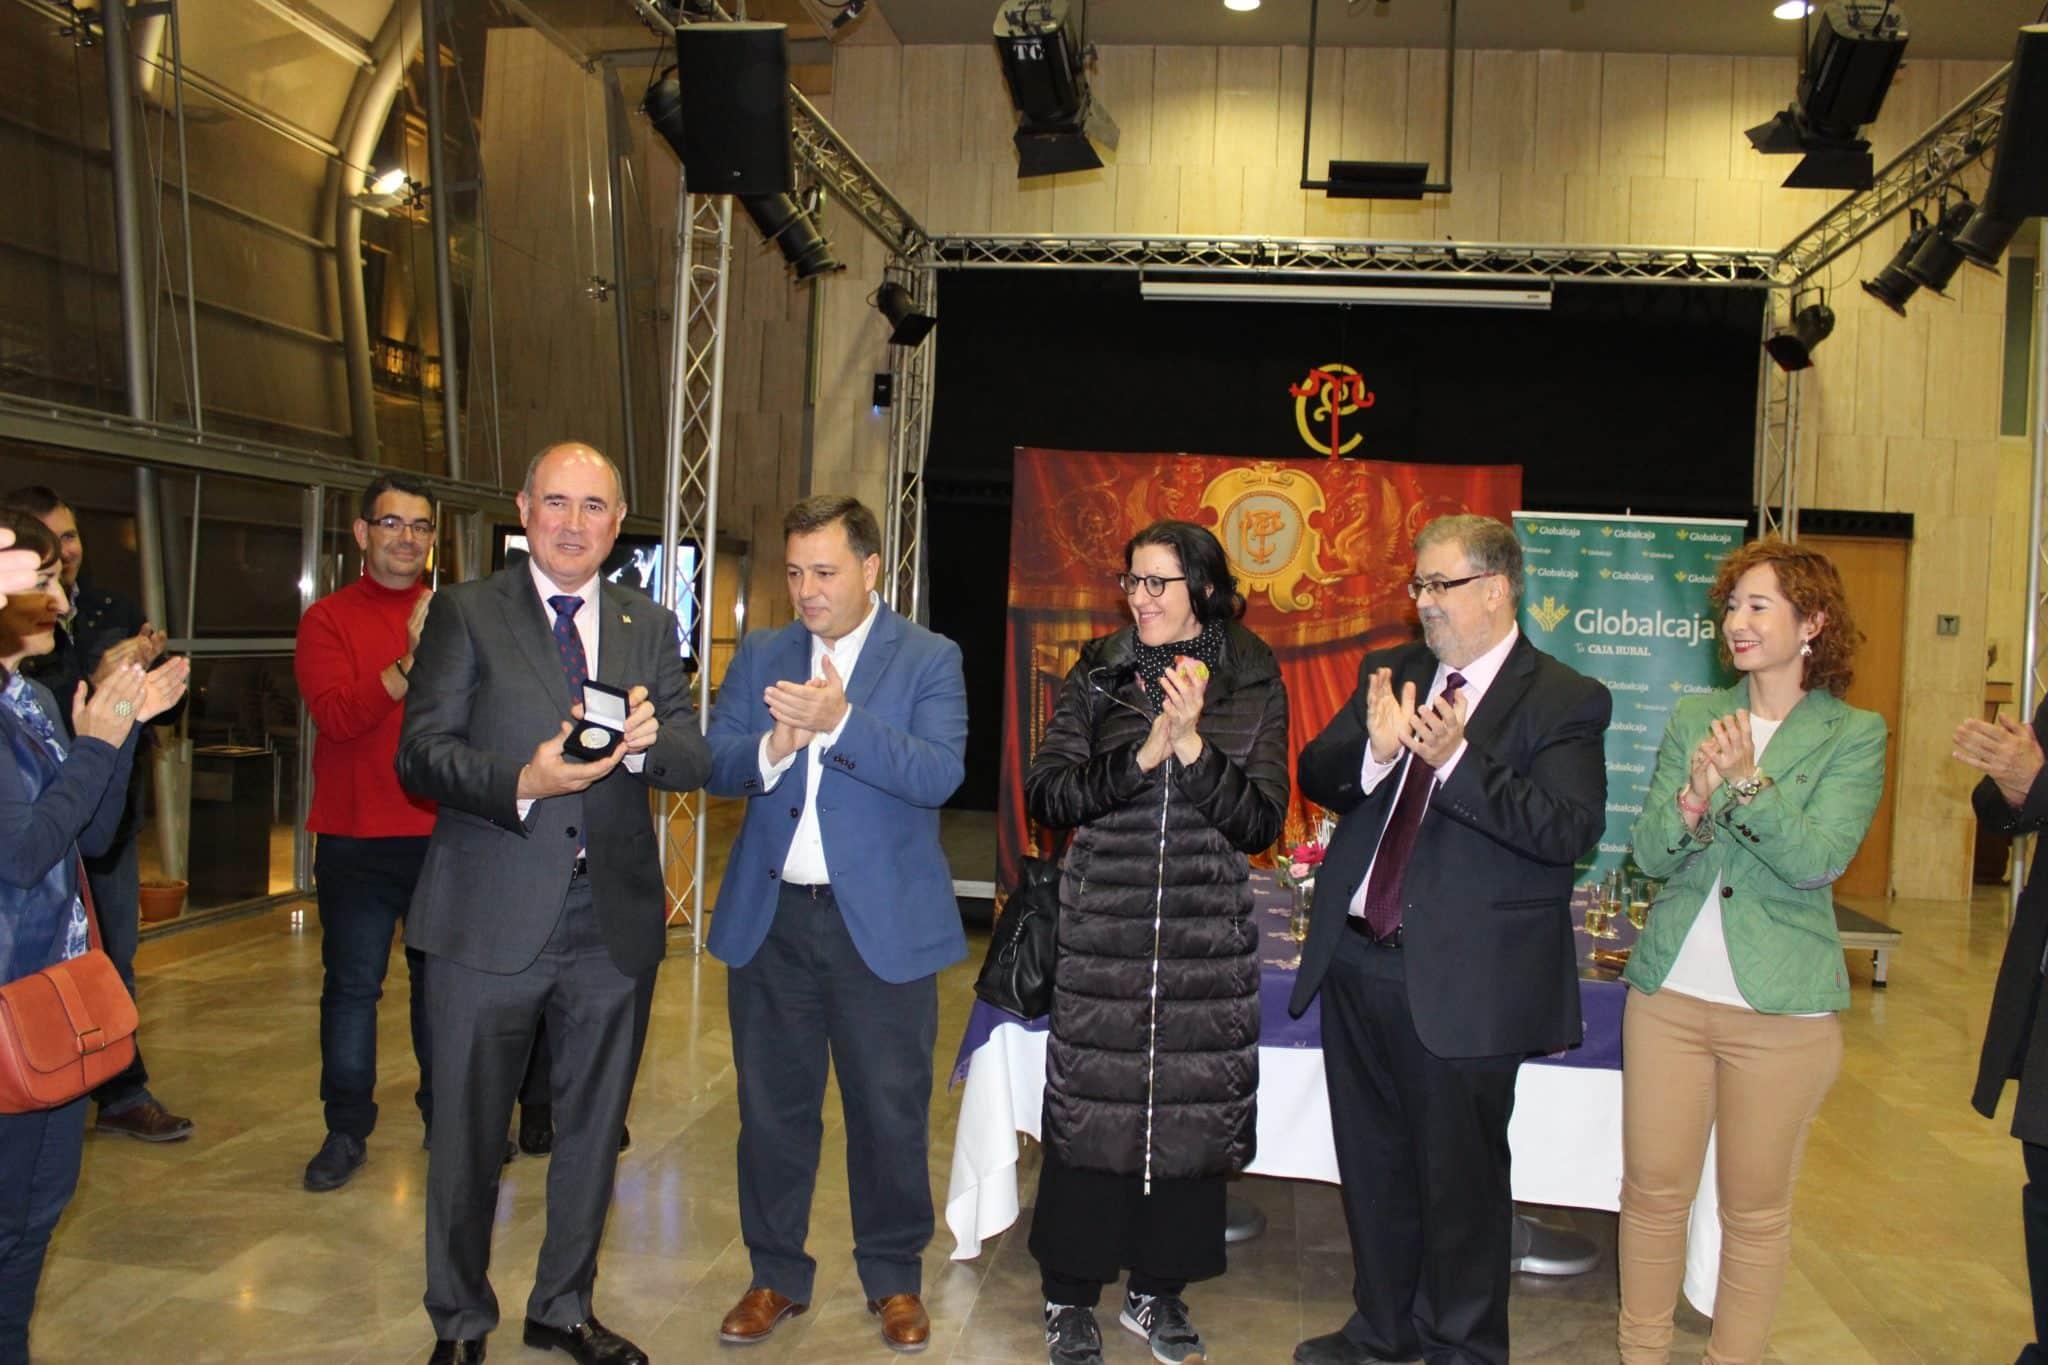 https://blog.globalcaja.es/wp-content/uploads/2017/12/globalcaja-medalla-cultura-teatro-circo.jpg